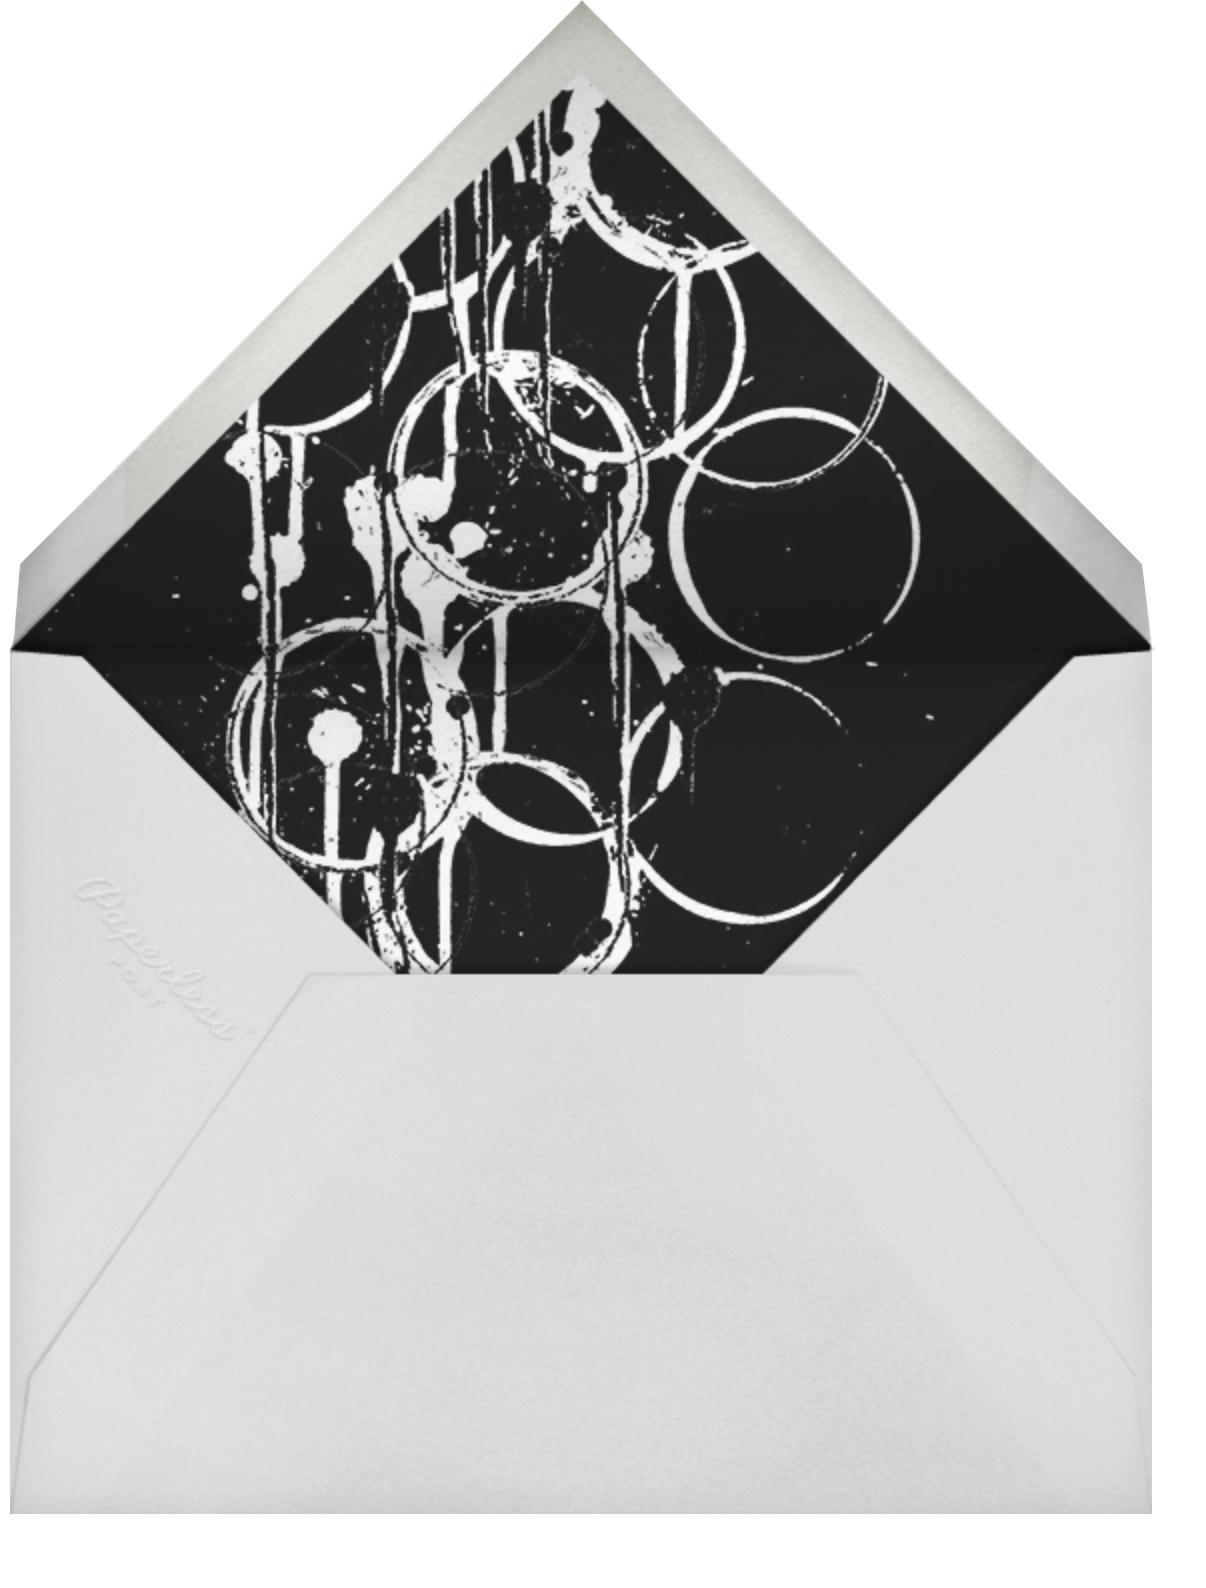 Bottle Shock - Gold - Kelly Wearstler - Professional events - envelope back